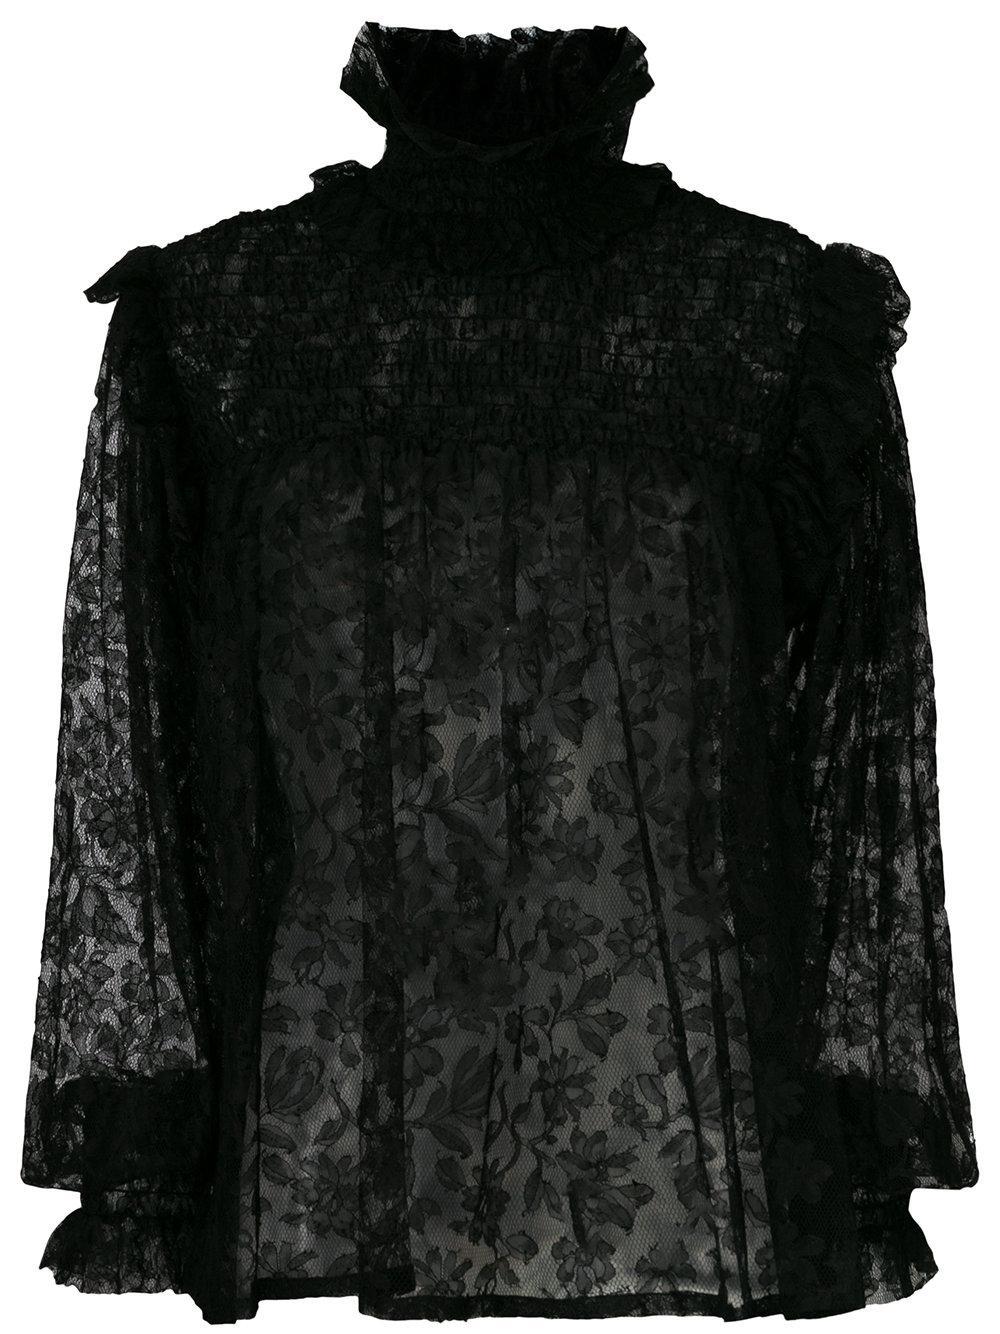 Saint Laurent Lace Floral Pattern Blouse - Black